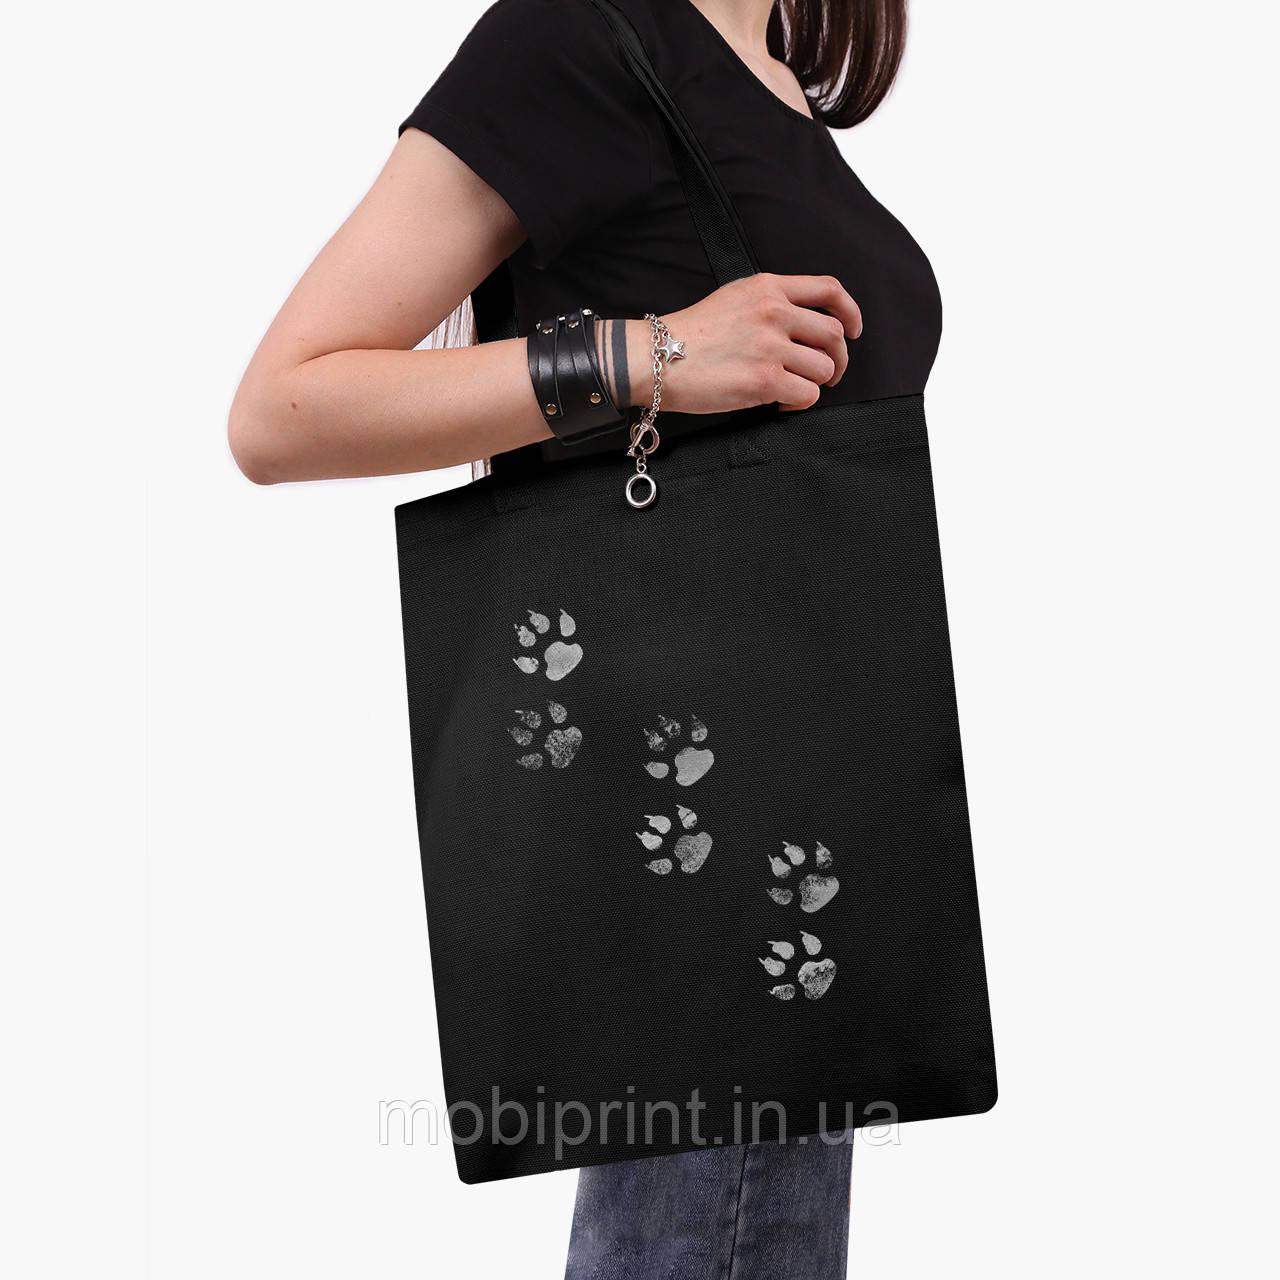 Эко сумка шоппер черная Лапки (Paws) (9227-1755-2)  экосумка шопер 41*35 см